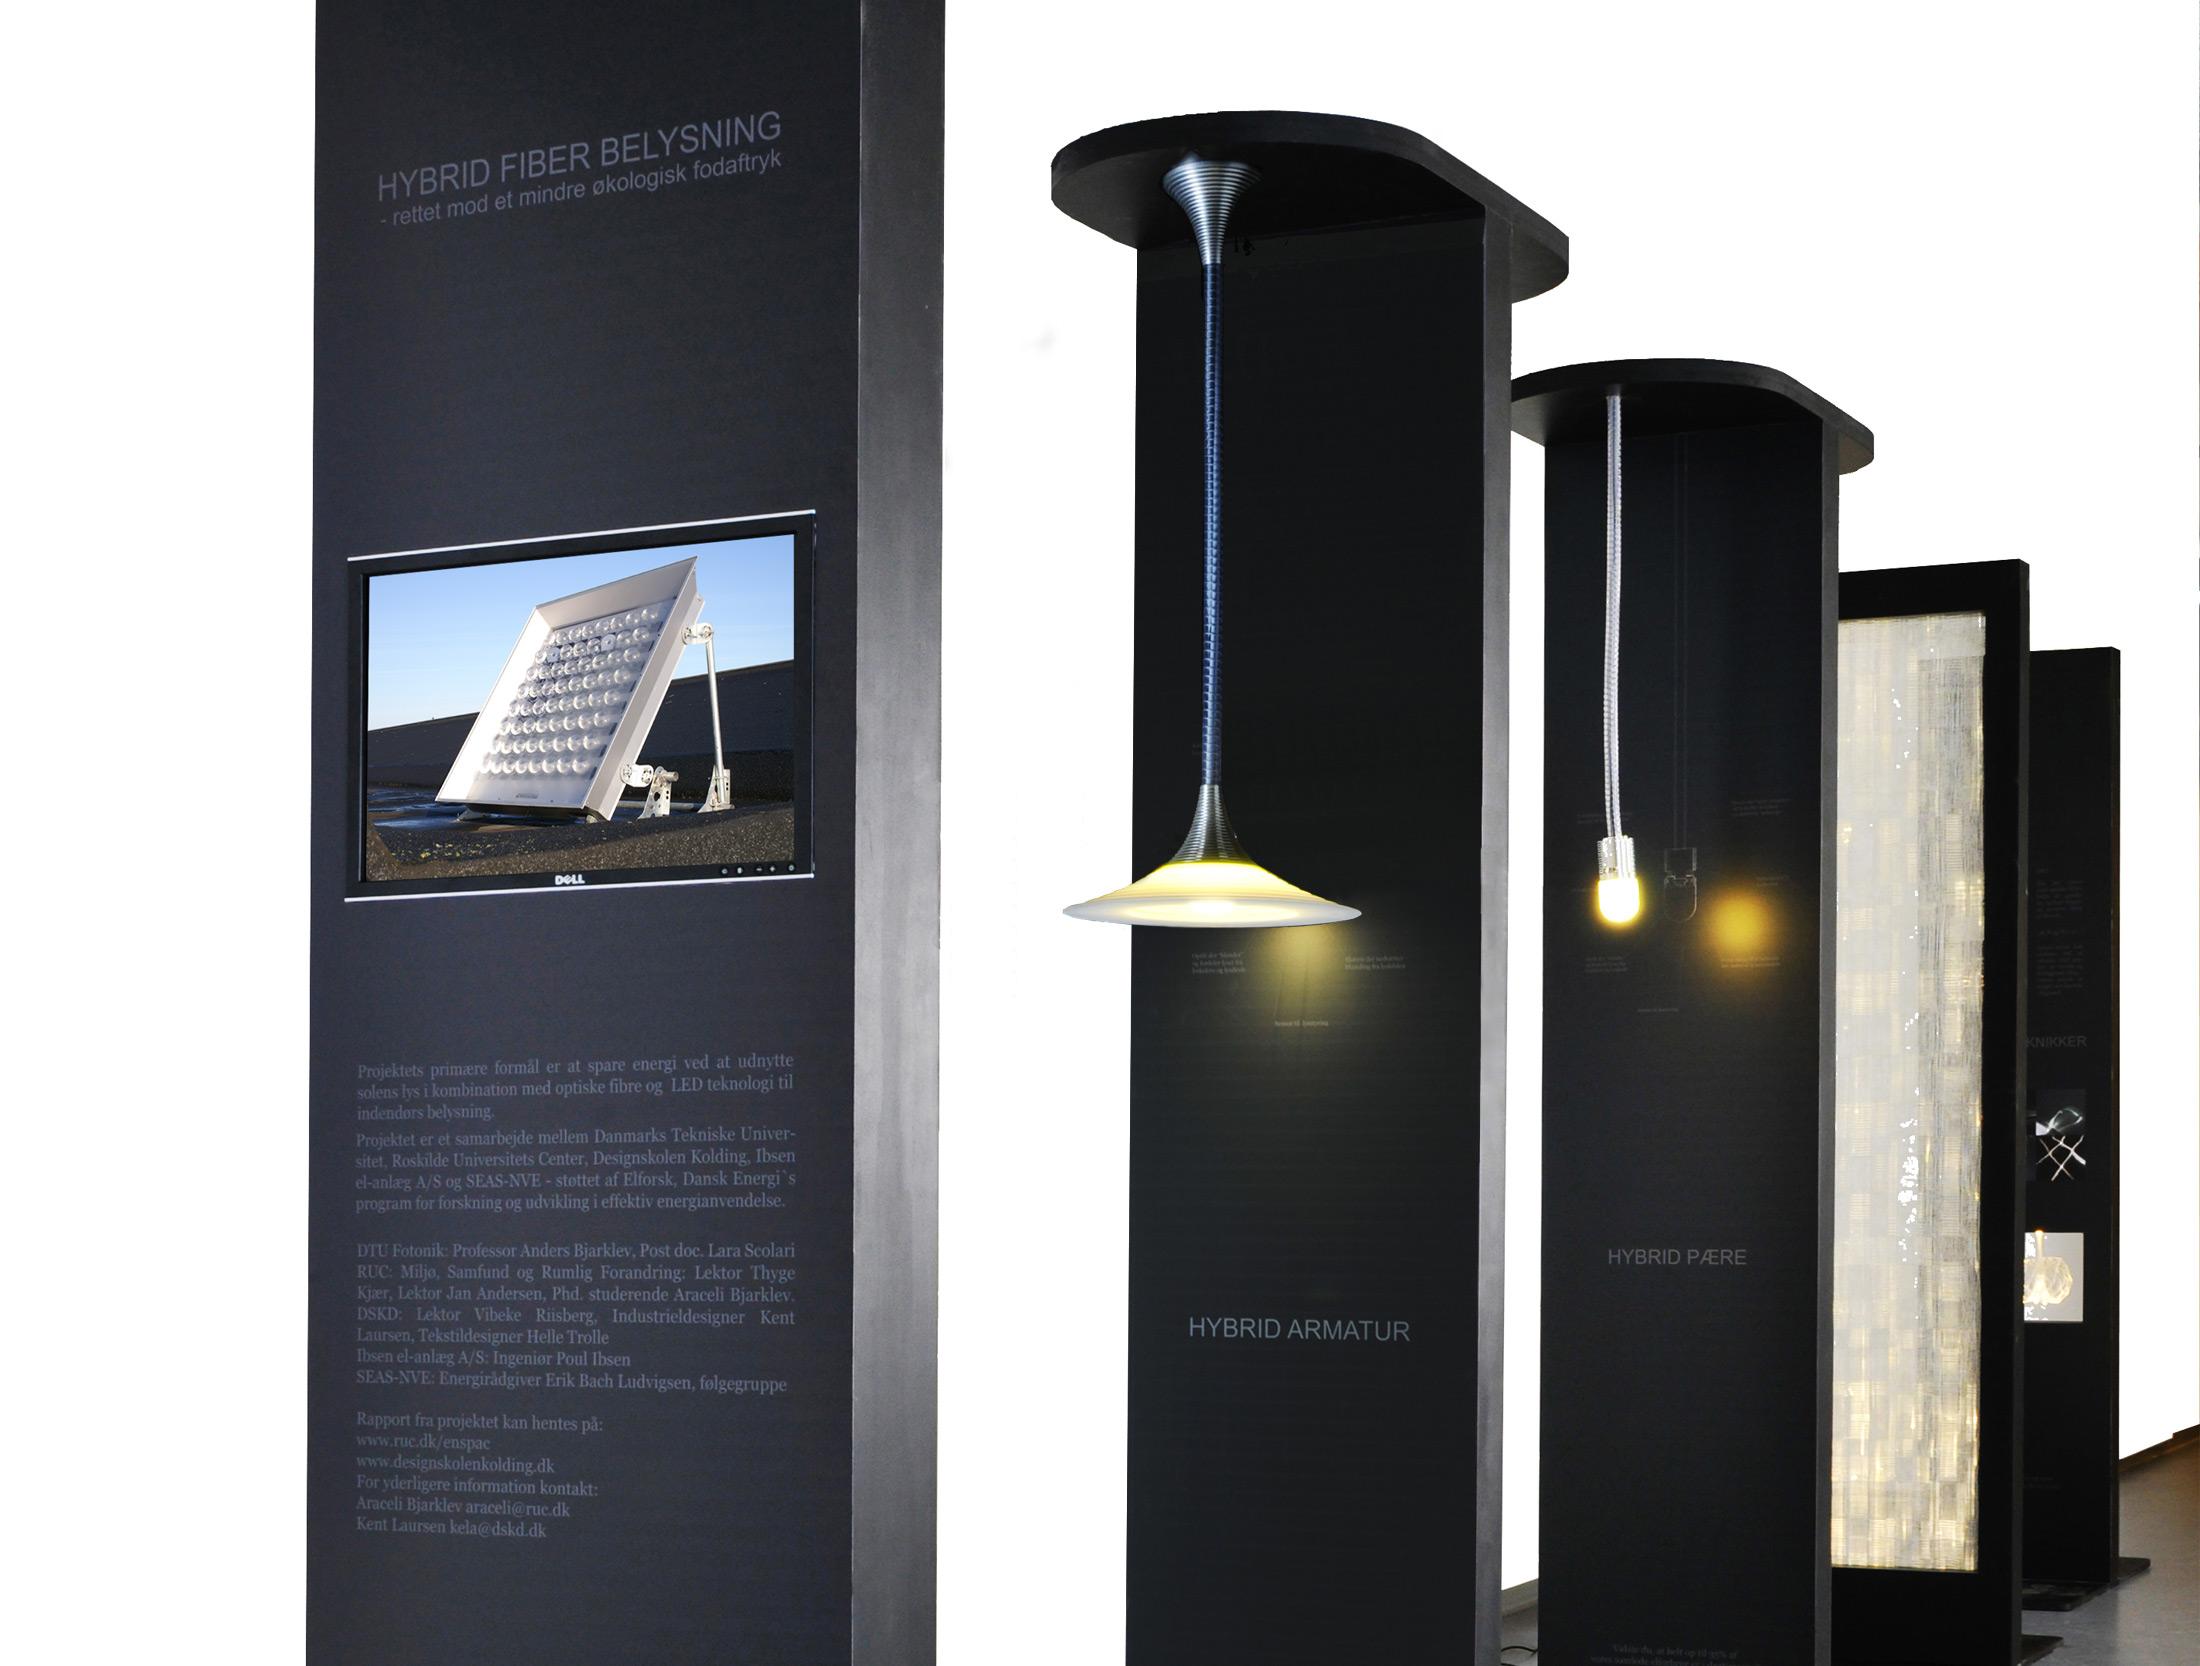 Udviklingsprojekt industrielt design Produktudvikling fiberoptisk belysning